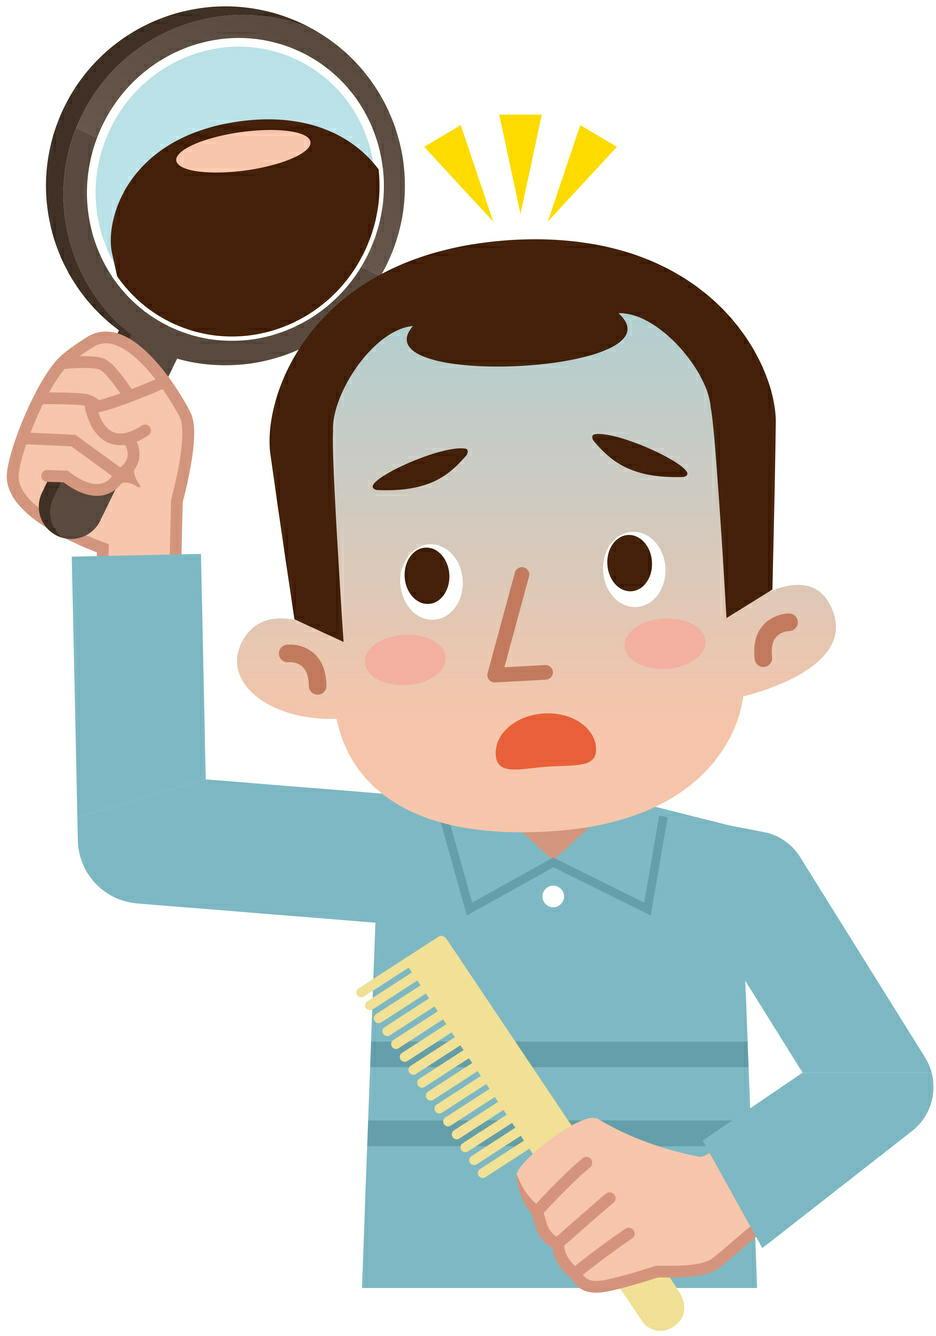 「男性型脱毛症」(AGA)の原因は血流不足やストレス? 近畿大学などが解明